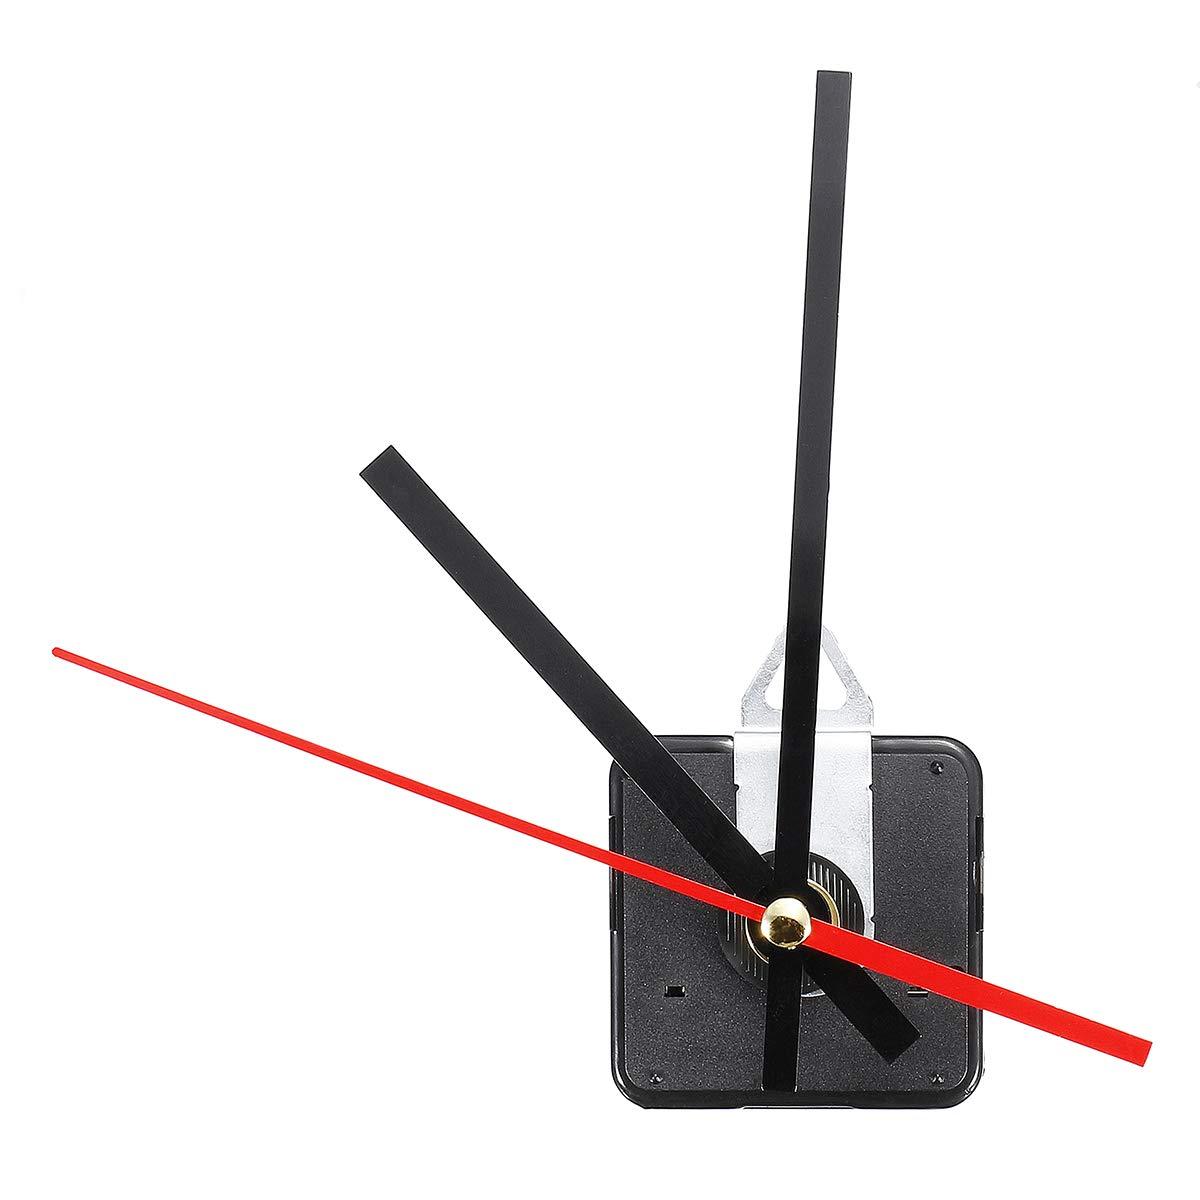 noir WINOMO Kits de mouvement d/'horloge silencieux pour remplacement de l/'horloge DIY